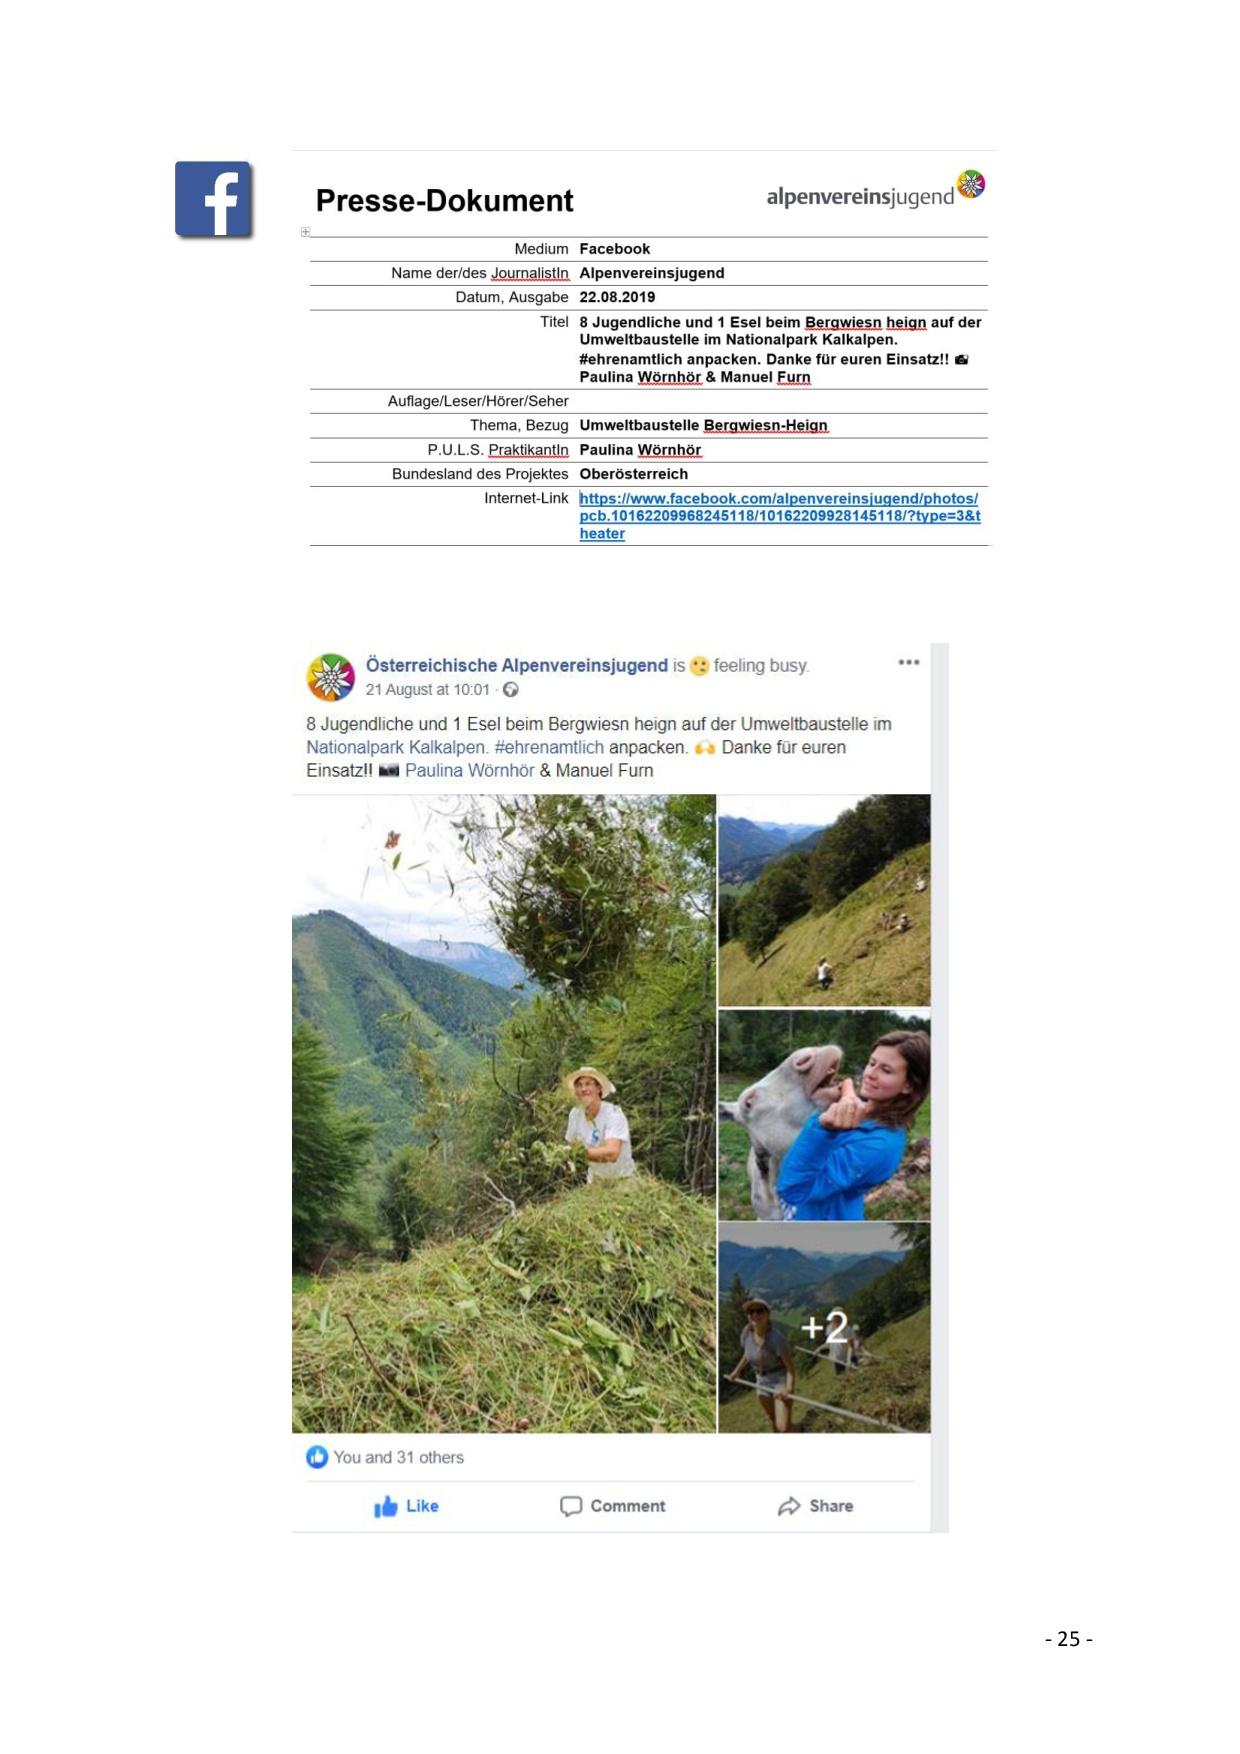 Projektdokumentation_Bergwiesn-Heign2_ÖAV_2019-026